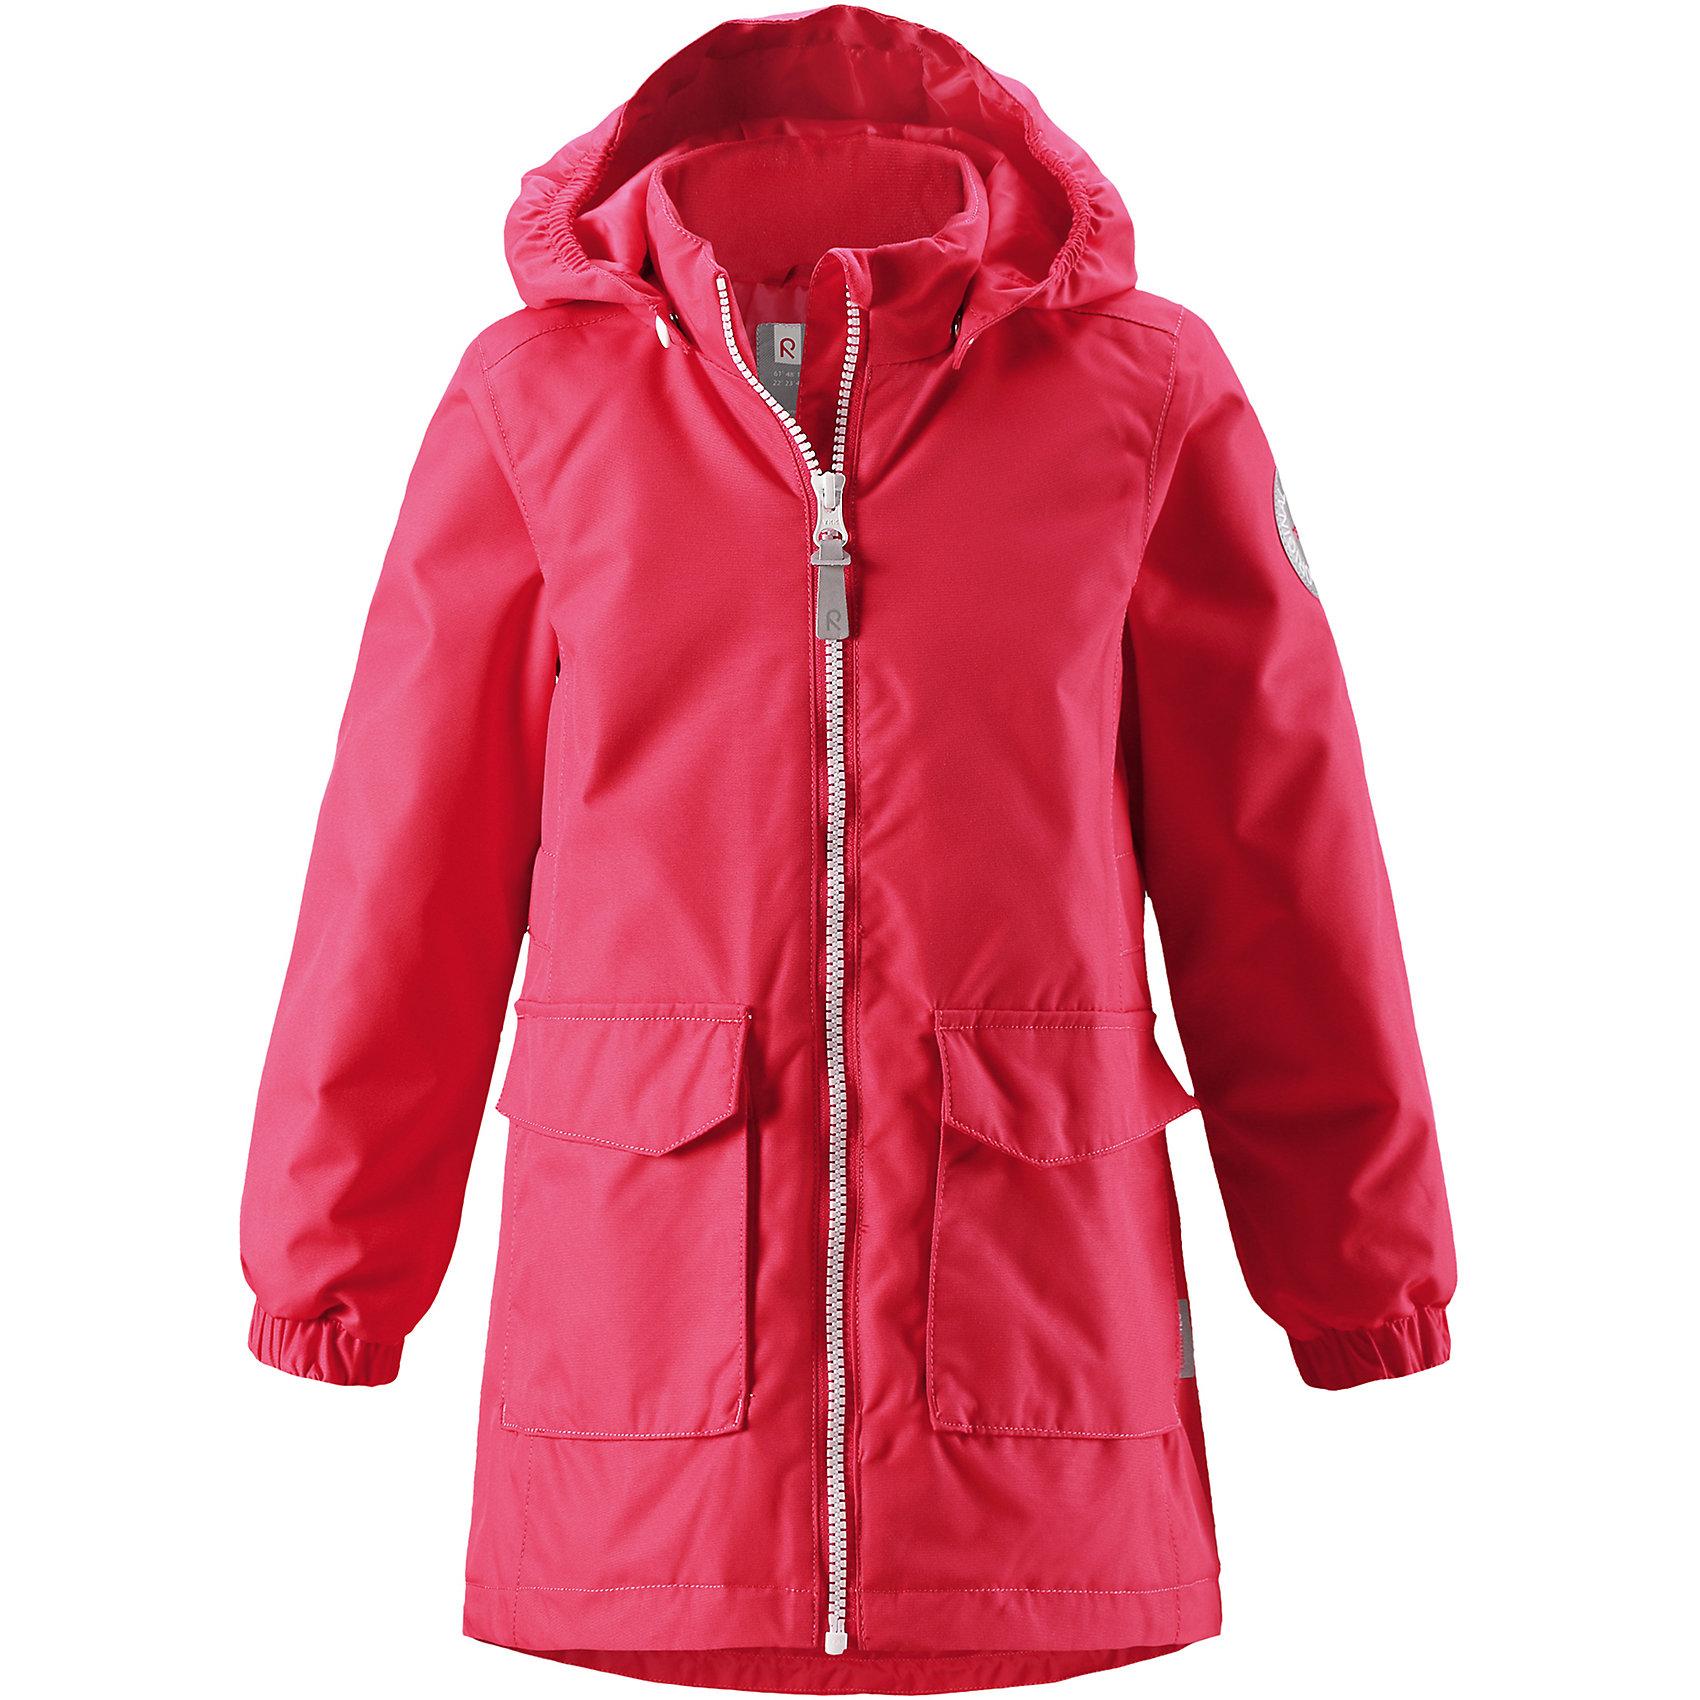 Куртка Satama для девочки Reimatec® ReimaОдежда<br>Характеристики товара:<br><br>• цвет: красный<br>• состав: 100% полиэстер, полиуретановое покрытие<br>• температурный режим: от 0° до +10°С<br>• легкий утеплитель: 80 гр/м2<br>• водонепроницаемость: 8000 мм<br>• воздухопроницаемость: 5000 мм<br>• износостойкость: 30000 циклов (тест Мартиндейла)<br>• основные швы проклеены, водонепроницаемы<br>• водо- и ветронепроницаемый, дышащий, грязеотталкивающий материал<br>• удлинённая модель<br>• гладкая подкладка из полиэстера на туловище, сетчатая подкладка на капюшоне<br>• безопасный съёмный капюшон<br>• эластичные манжеты<br>• регулируемая талия и подол<br>• два накладных кармана<br>• светоотражающие детали<br>• комфортная посадка<br>• страна производства: Китай<br>• страна бренда: Финляндия<br>• коллекция: весна-лето 2017<br><br>В межсезонье верхняя одежда для детей может быть модной и комфортной одновременно! Демисезонная куртка поможет обеспечить ребенку комфорт и тепло. Она отлично смотрится с различной одеждой и обувью. Изделие удобно сидит и модно выглядит. Материал - прочный, хорошо подходящий для межсезонья, водо- и ветронепроницаемый, «дышащий». Стильный дизайн разрабатывался специально для детей.<br><br>Одежда и обувь от финского бренда Reima пользуется популярностью во многих странах. Эти изделия стильные, качественные и удобные. Для производства продукции используются только безопасные, проверенные материалы и фурнитура. Порадуйте ребенка модными и красивыми вещами от Reima! <br><br>Куртку для девочки Reimatec® от финского бренда Reima (Рейма) можно купить в нашем интернет-магазине.<br><br>Ширина мм: 356<br>Глубина мм: 10<br>Высота мм: 245<br>Вес г: 519<br>Цвет: розовый<br>Возраст от месяцев: 72<br>Возраст до месяцев: 84<br>Пол: Женский<br>Возраст: Детский<br>Размер: 122,152,128,158,116,110,104,146,164,98,140,134<br>SKU: 5266024